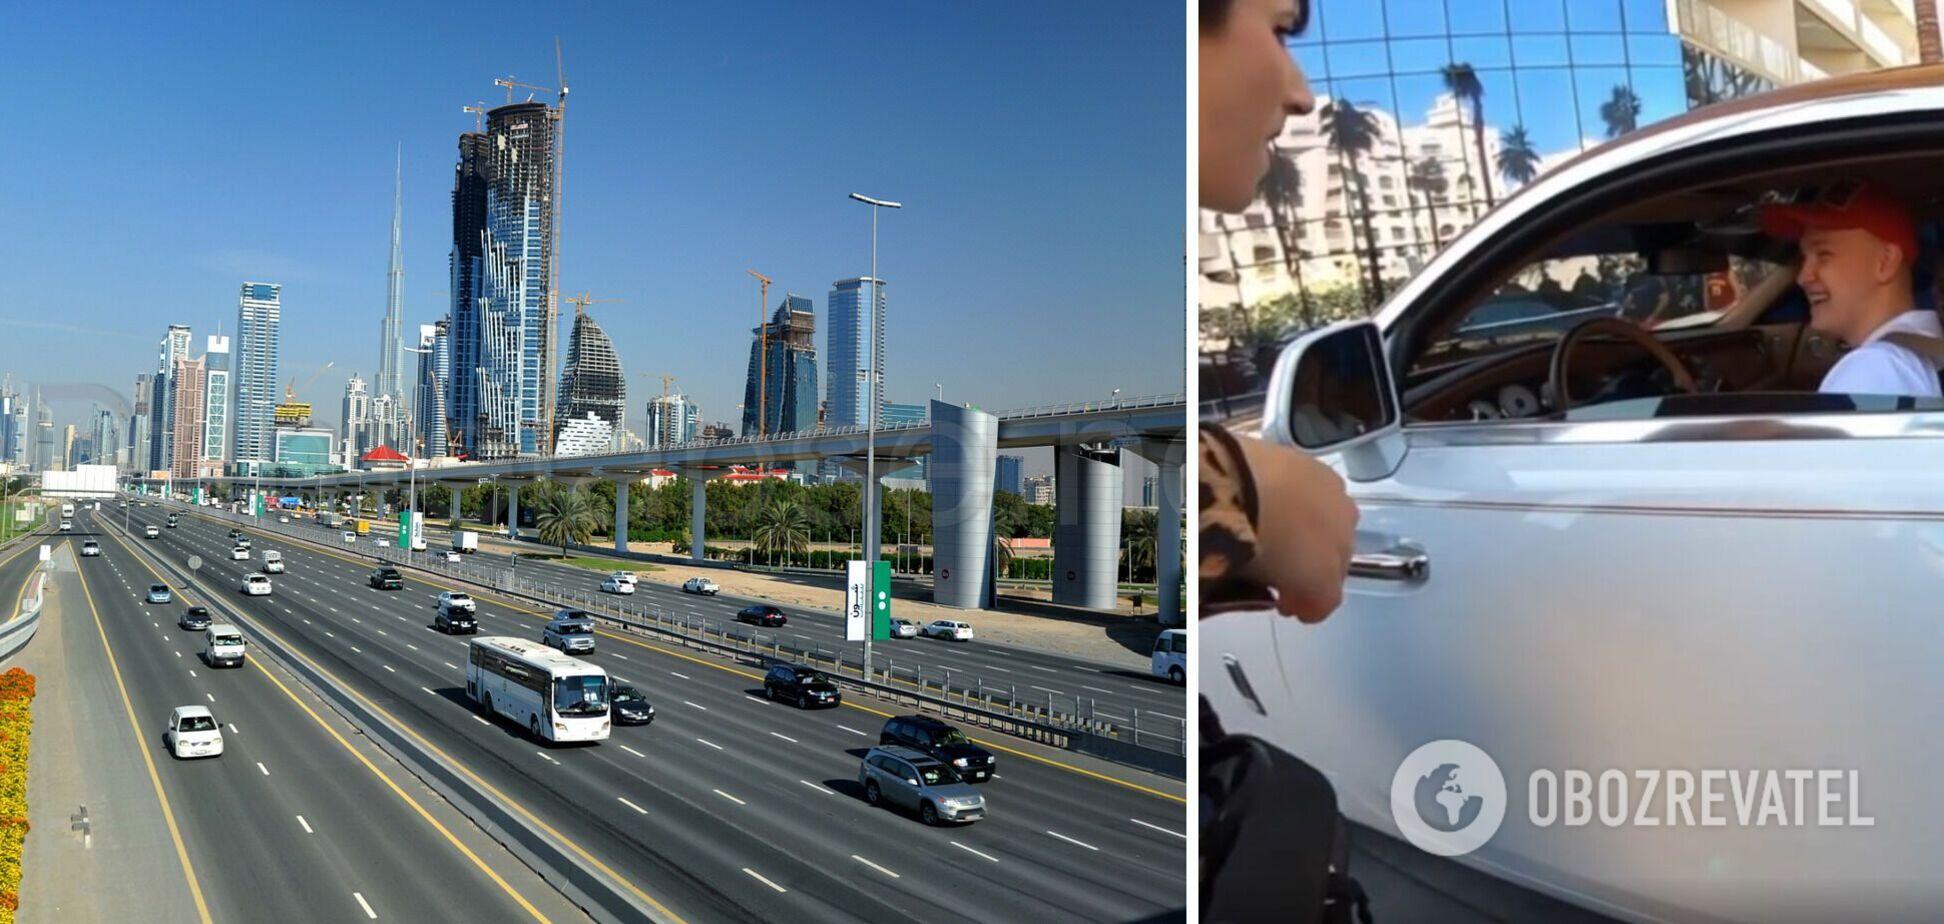 Французька пранкерка натрапила в Дубаї на 22-річного українця за кермом Rolls-Royce. Фото та відео